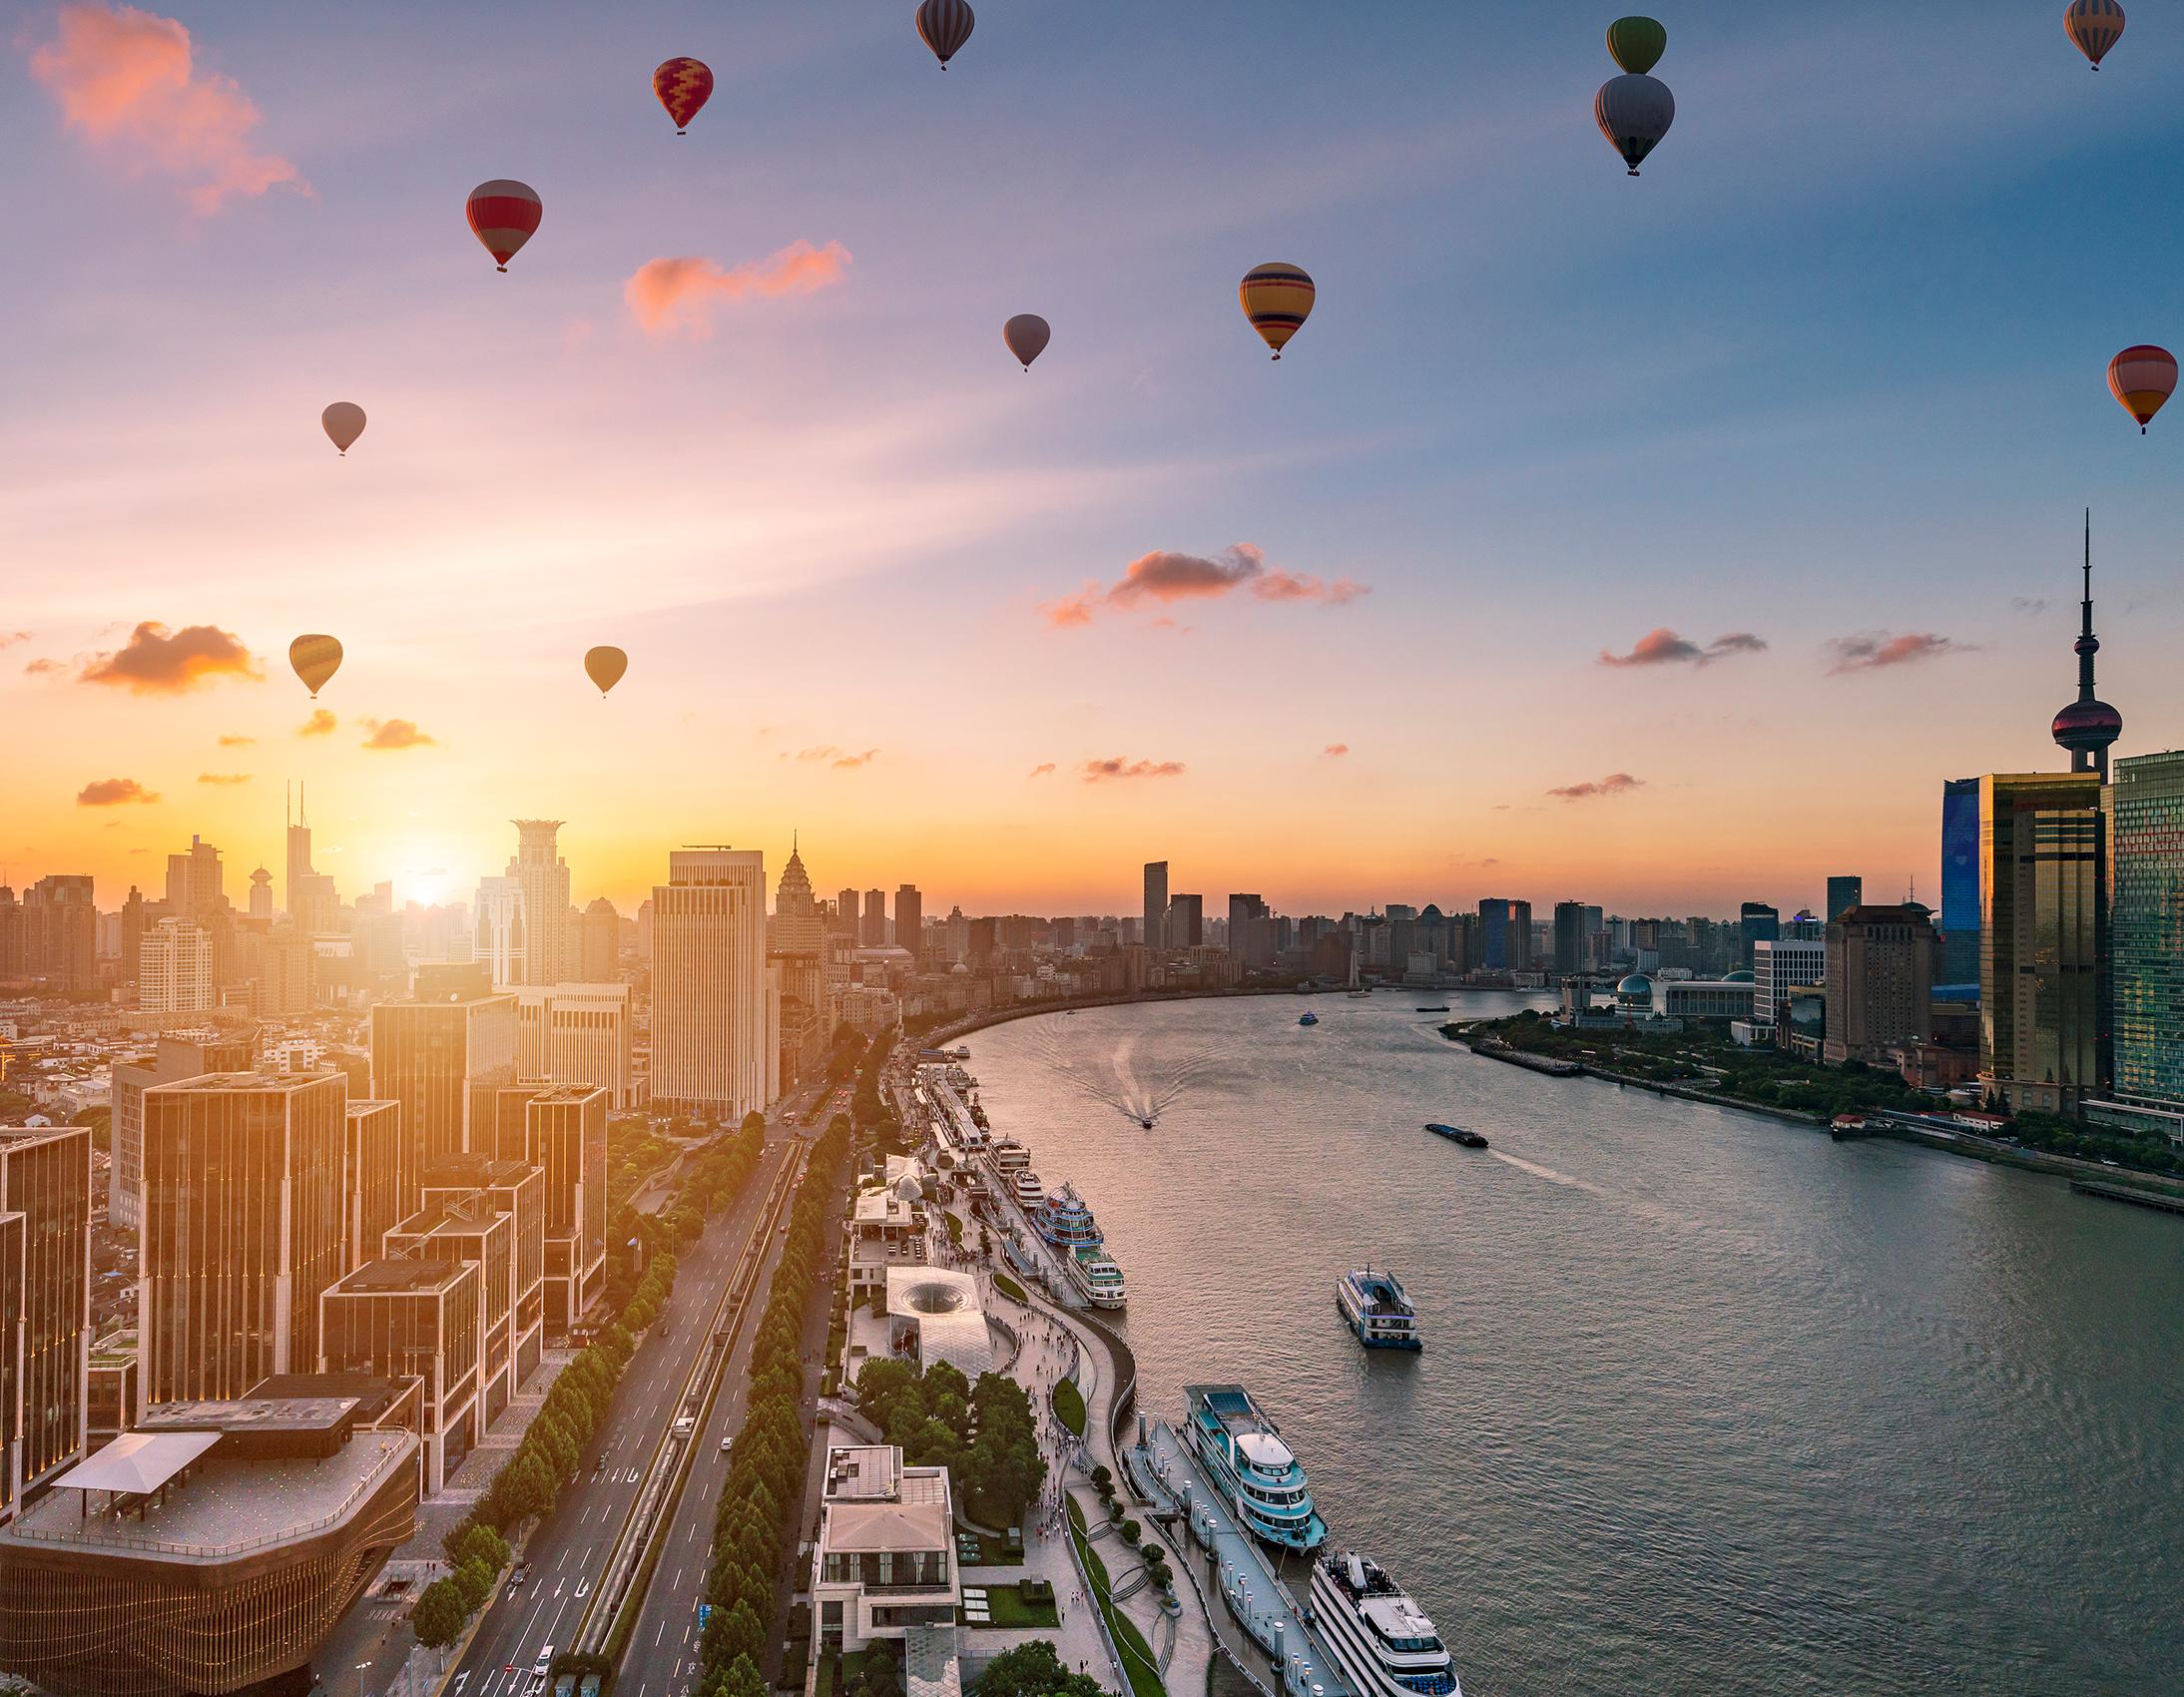 Global Regulatory Outlook 2021